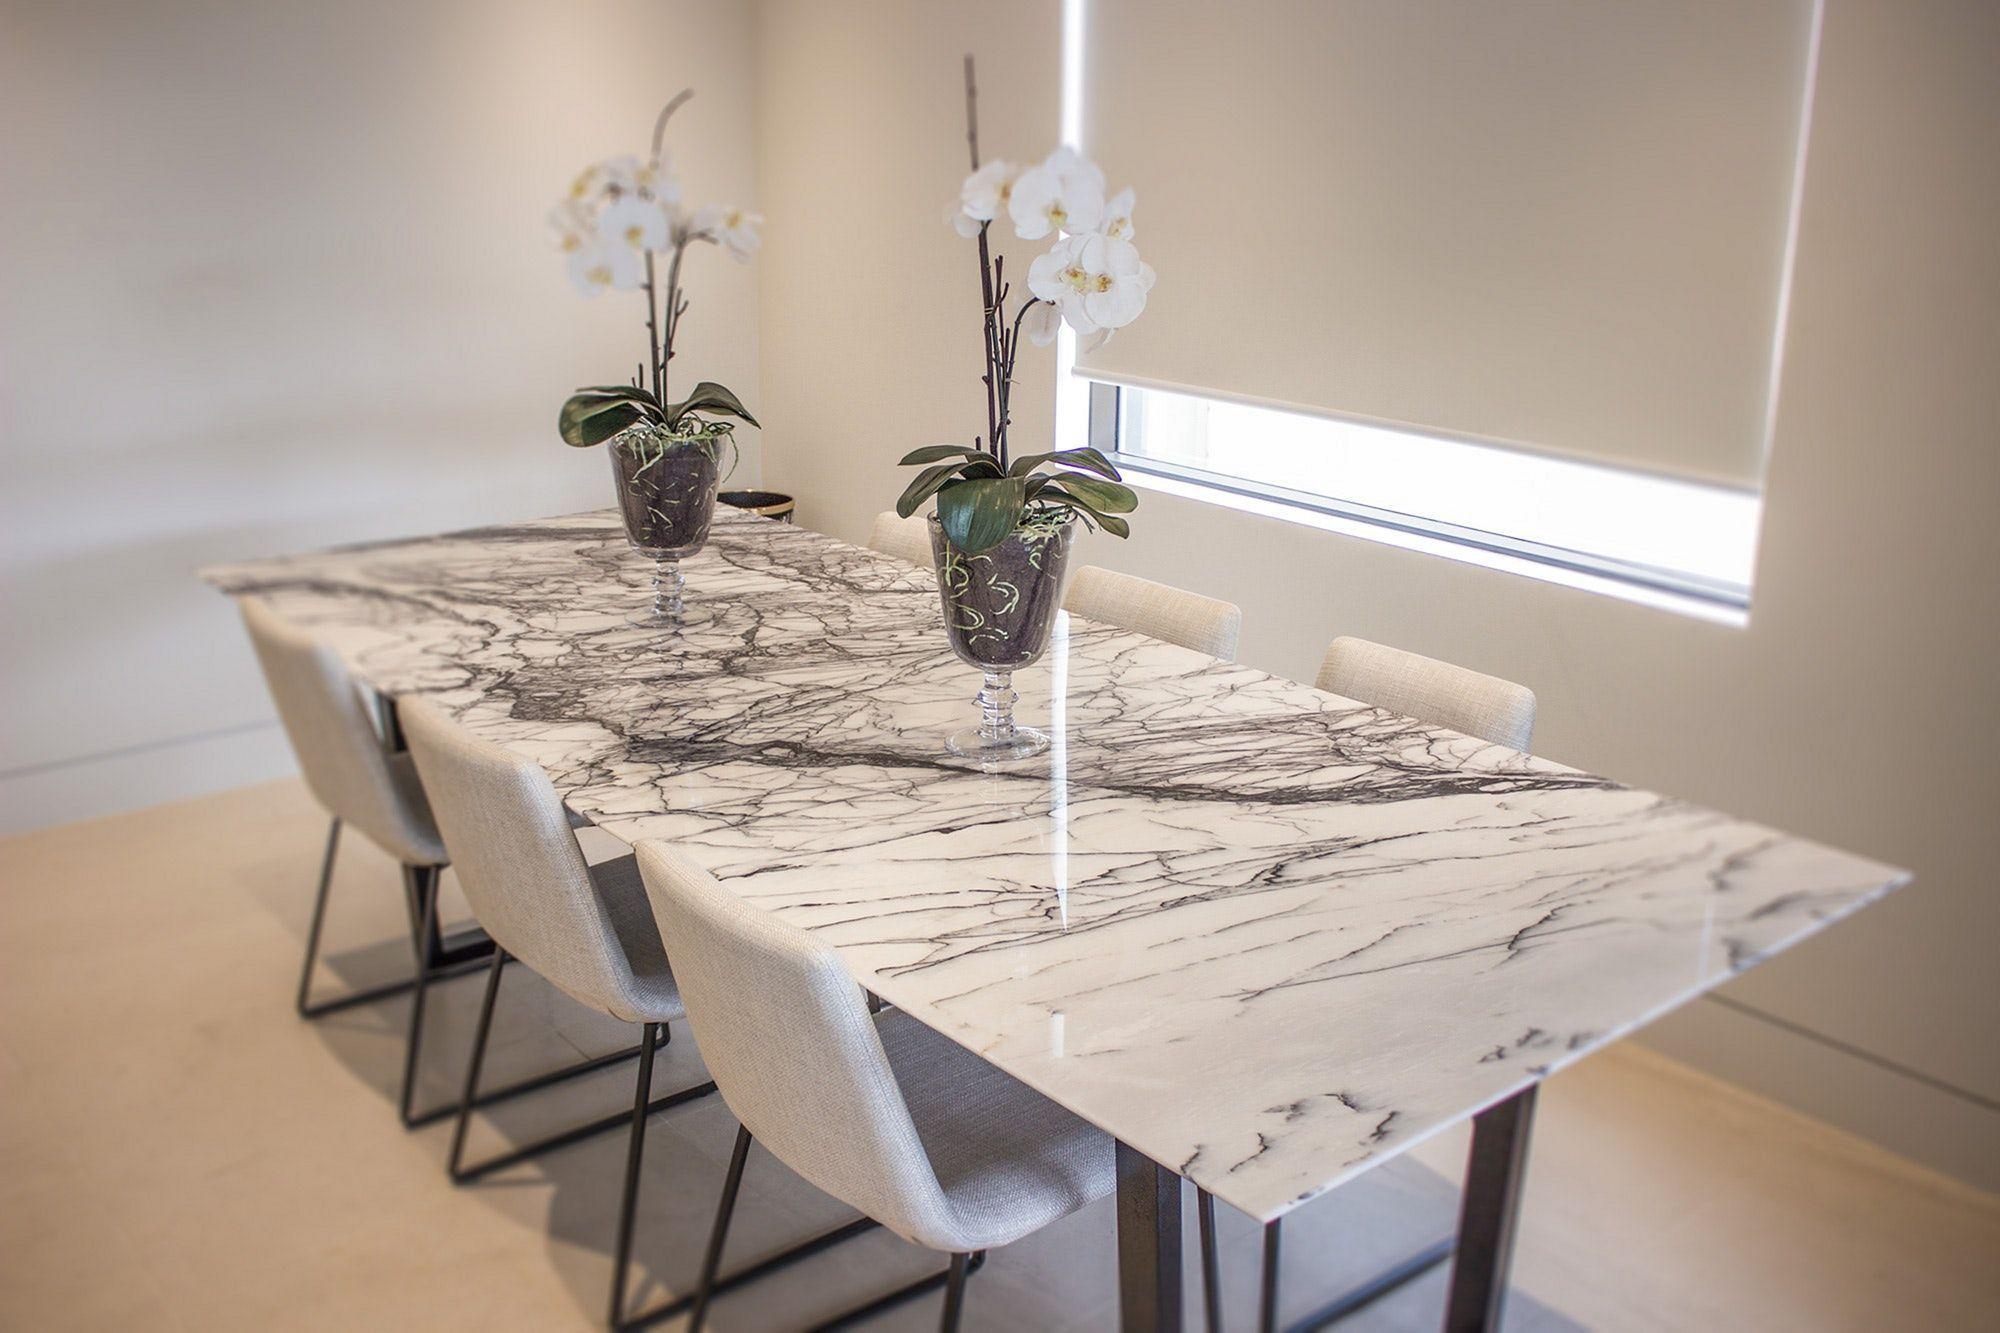 15 Bester Langlebiger Marmor Kuchentisch Den Sie Ausprobieren Mussen In 2020 Weisser Marmor Kuche Kuche Tisch Esszimmertisch